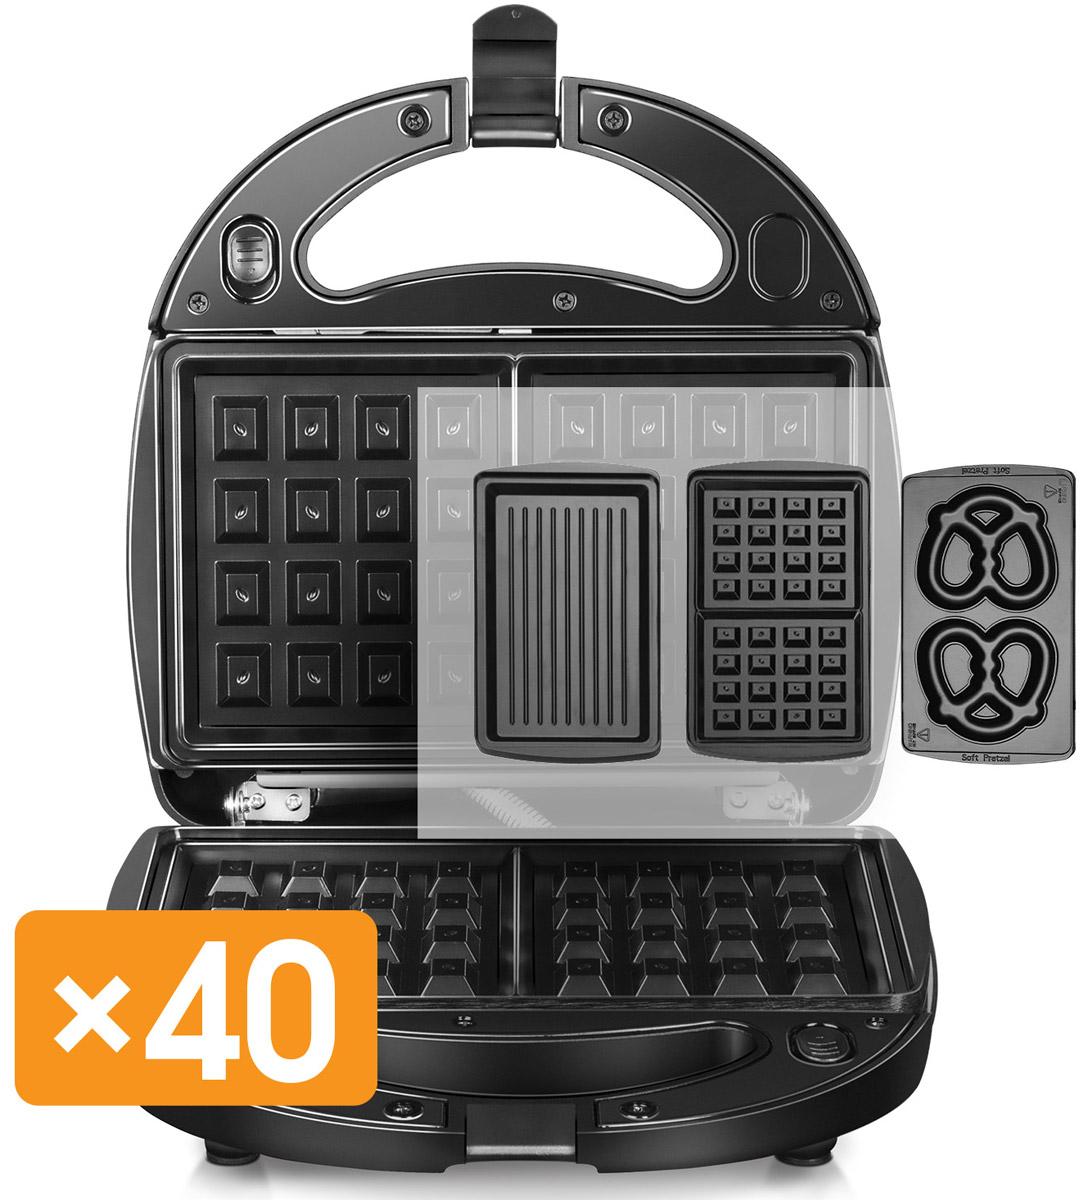 Redmond RMB-M606 мультипекарьRMB-M606Redmond RMB-M606 - это универсальное многофункциональное устройство, заменяющее вафельницу, омлетницу, гриль, пончик-мейкер, кексницу, бутербродницу и множество других приборов для выпечки или жарки.Достаточно просто поменять пресс-форму, и вы получите новое устройство для приготовления популярного блюда! Ароматное печенье, крекеры, сочни или омлет с итальянскими травами, пицца, пряничный домик для детского праздника, горячие бутерброды или овощи-гриль для гарнира – все это мультипекарь приготовит в считанные минуты!Мультипекарь – это не просто домашняя выпечка, горячие блюда и закуски; это здоровое питание для вас и ваших близких! Ведь с мультипекарем вы готовите сами: из свежих продуктов и без вредных пищевых добавок.Выбор панелей для мультипекаря будет расширяться – вы будете радовать себя и близких все новыми и новыми кулинарными шедеврами из самых разных кухонь мира!